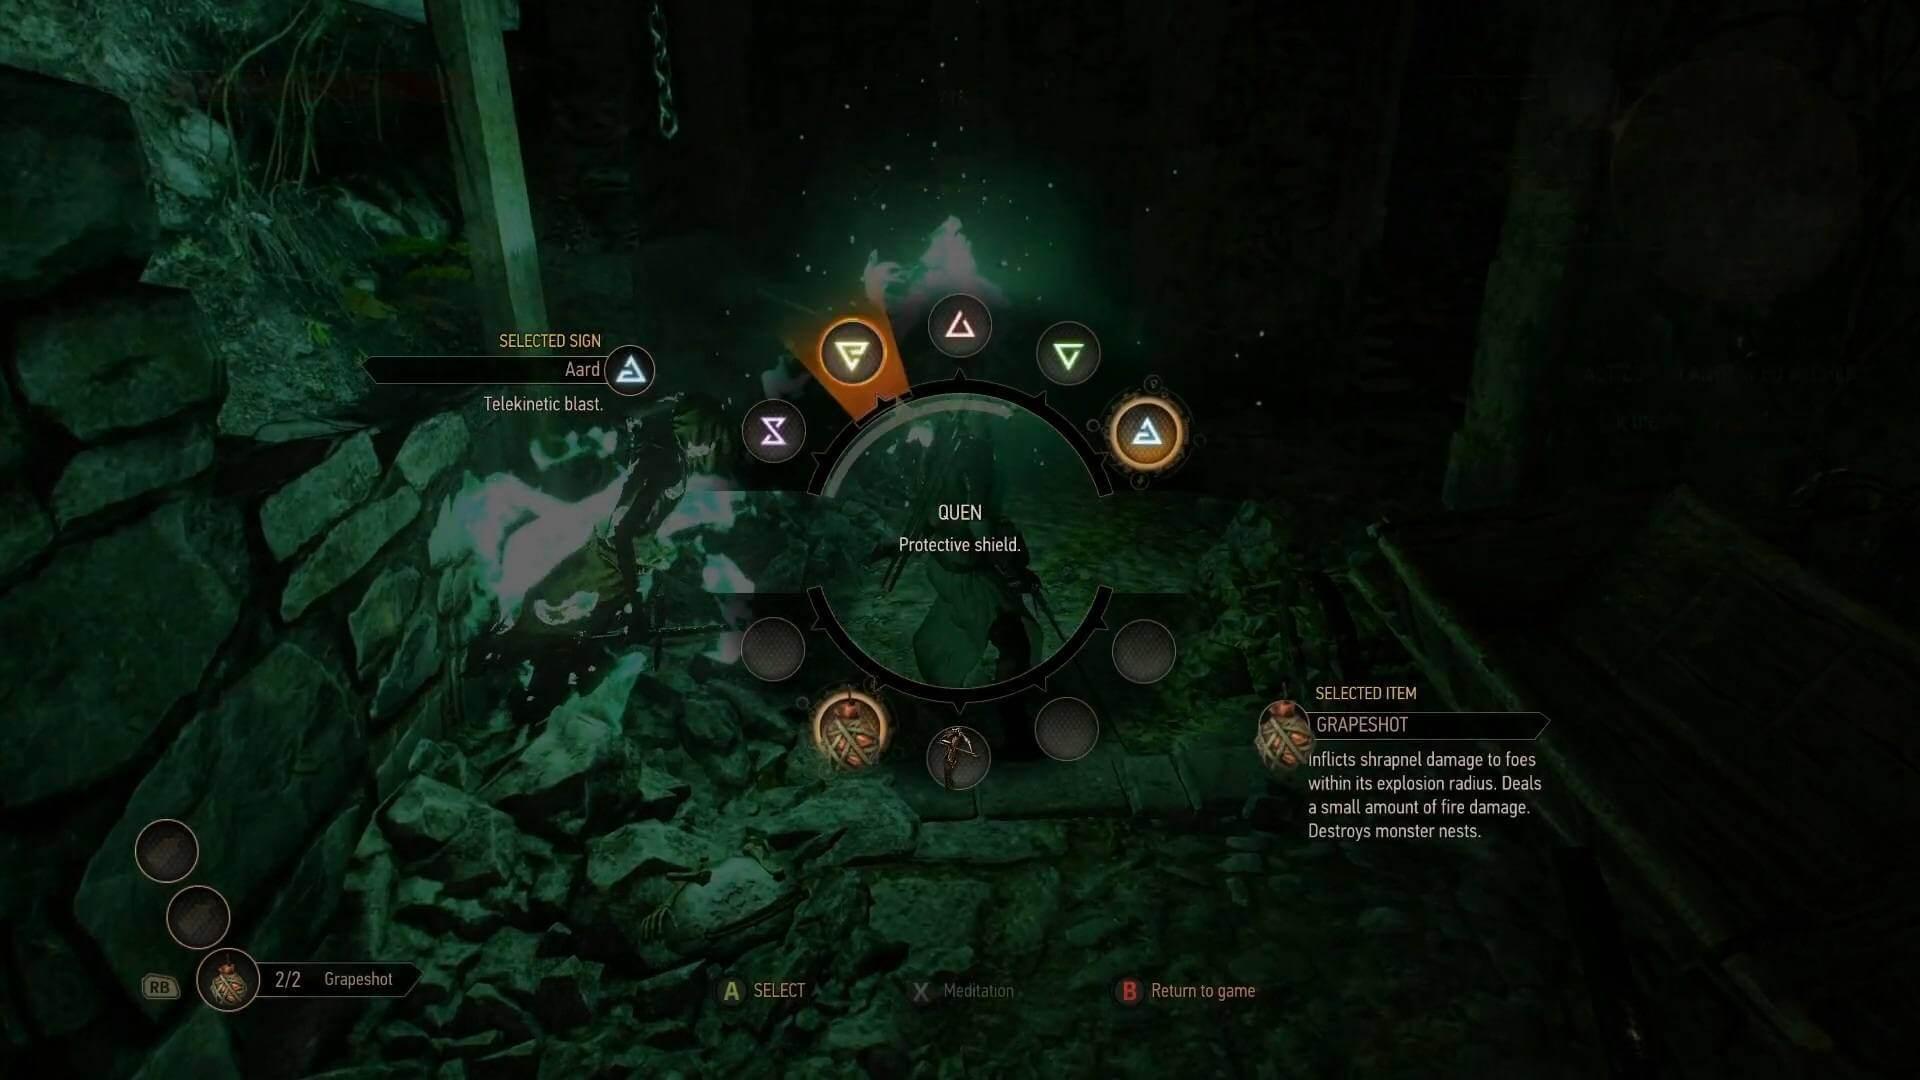 witcher 3 wild hunt magic sign igni combat